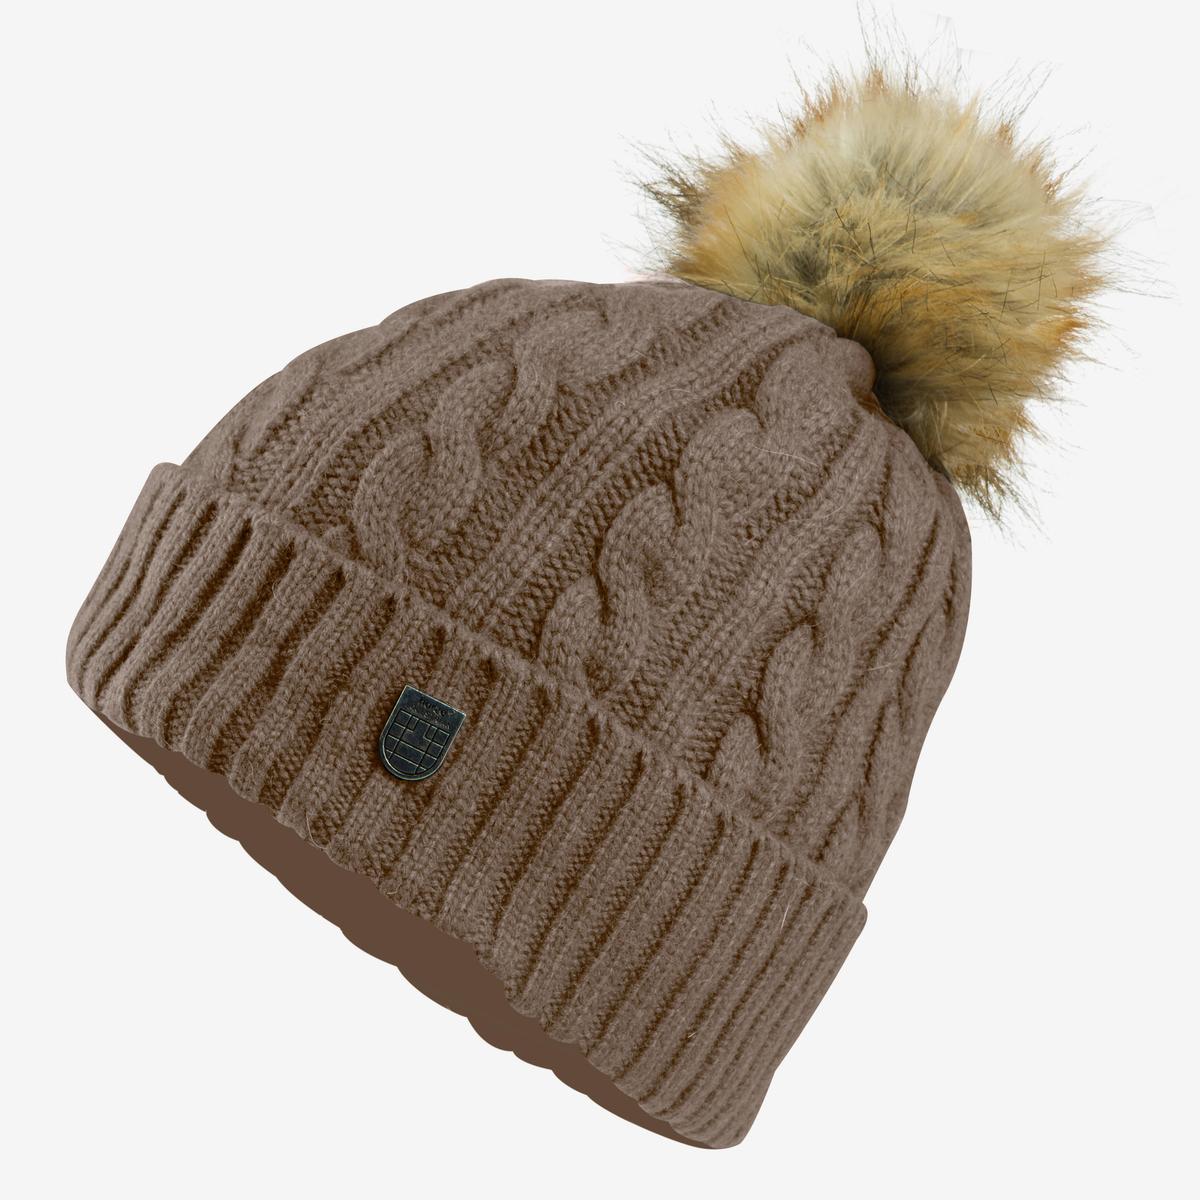 Horze Renate Cable Knit Hat  8f8227719d1